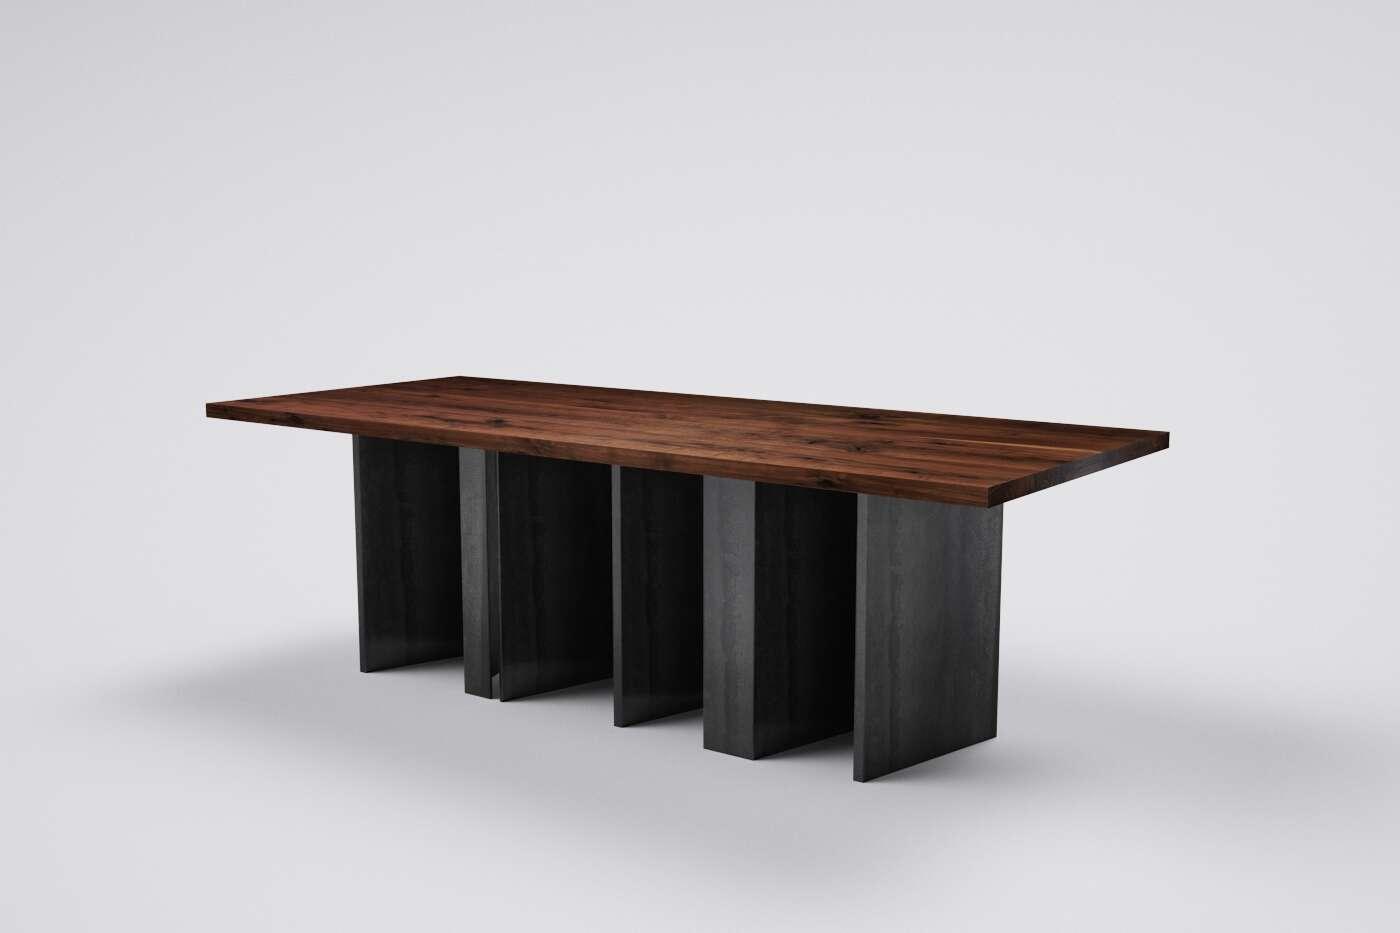 massivholztisch esstisch nussbaum auf ma wohnsektion. Black Bedroom Furniture Sets. Home Design Ideas